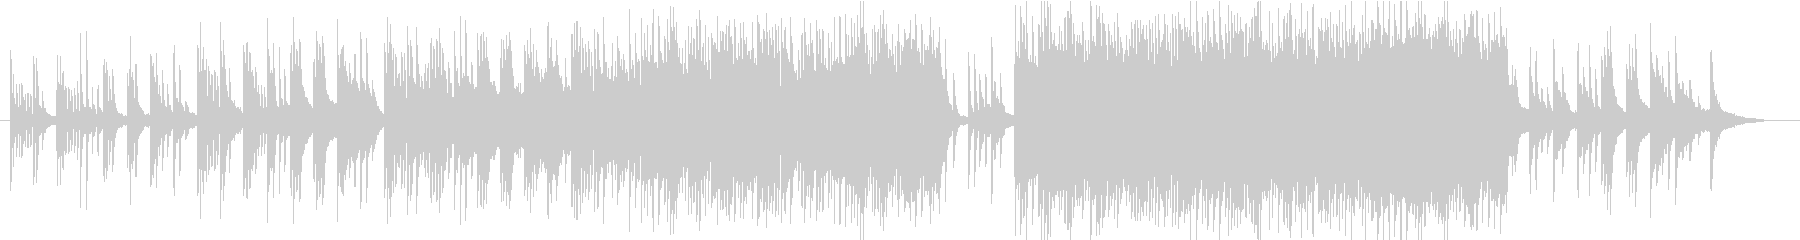 ピアノの旋律が印象的なバラード3の未再生の波形